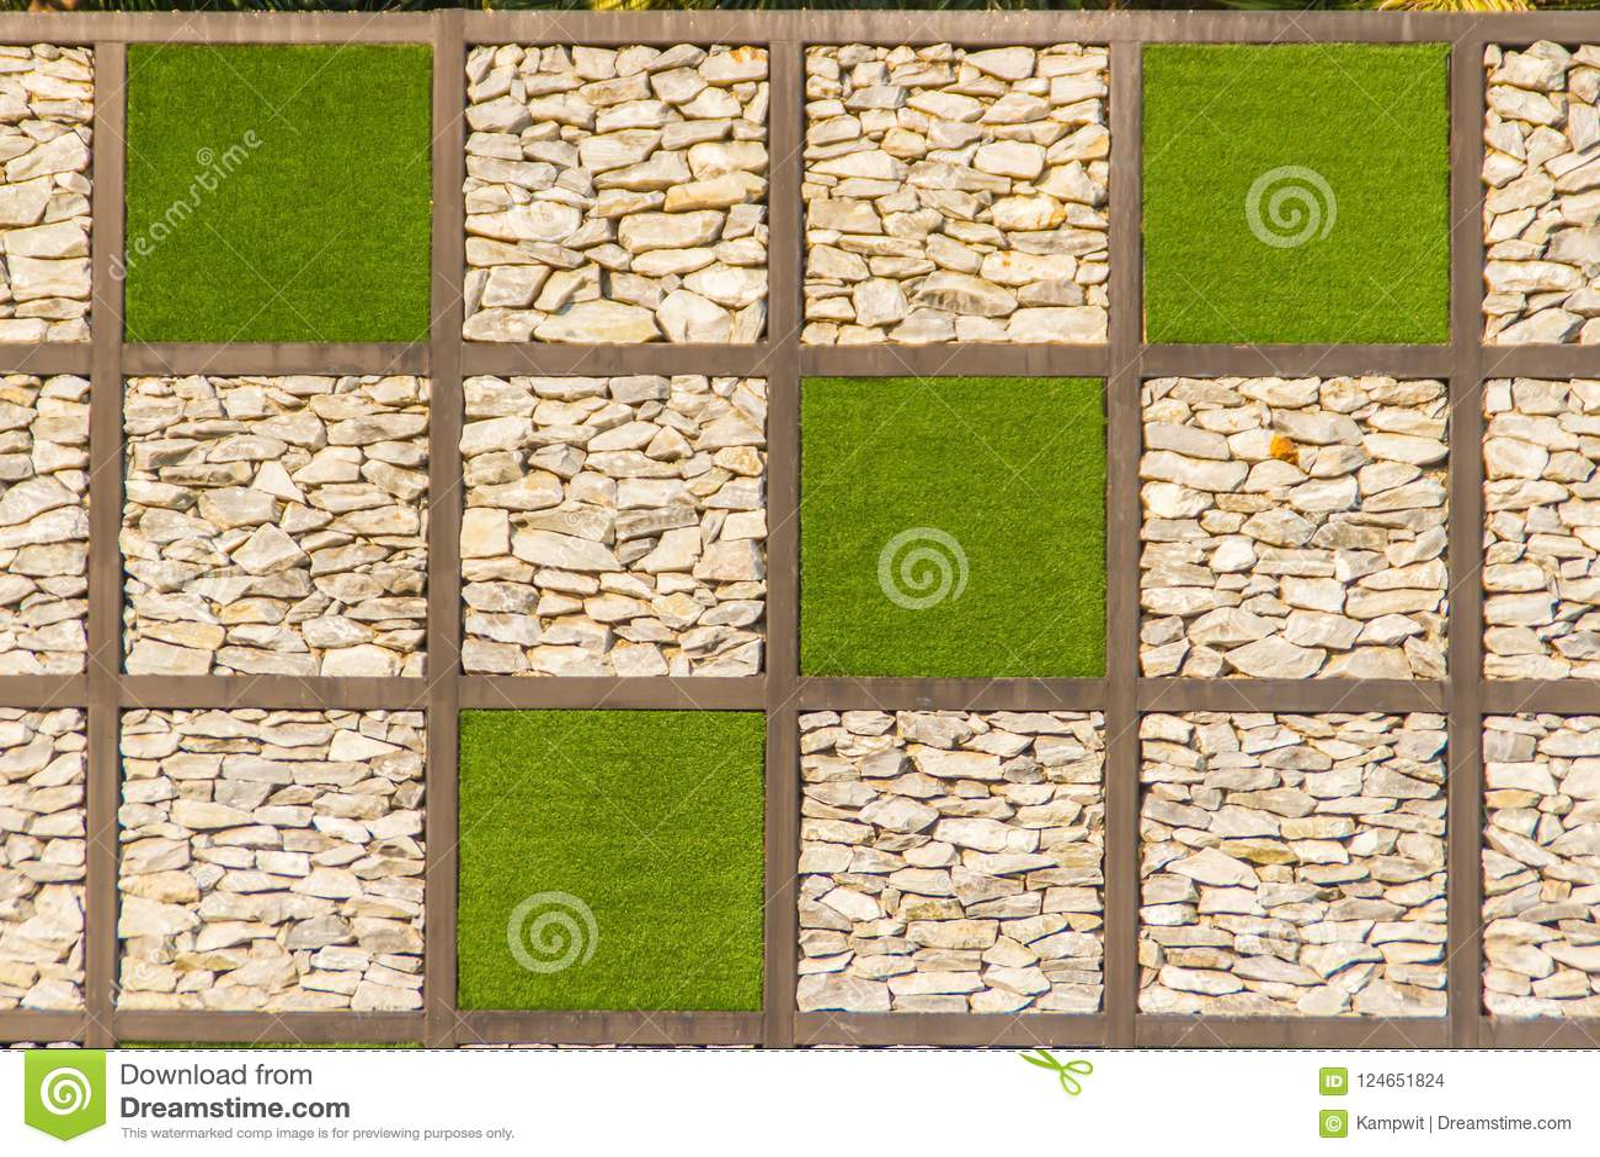 Fundo abstrato da parede de pedra do seixo do rio com quadro da grama verde Cobrir a forma do fundo da parede e do quadrado da gr